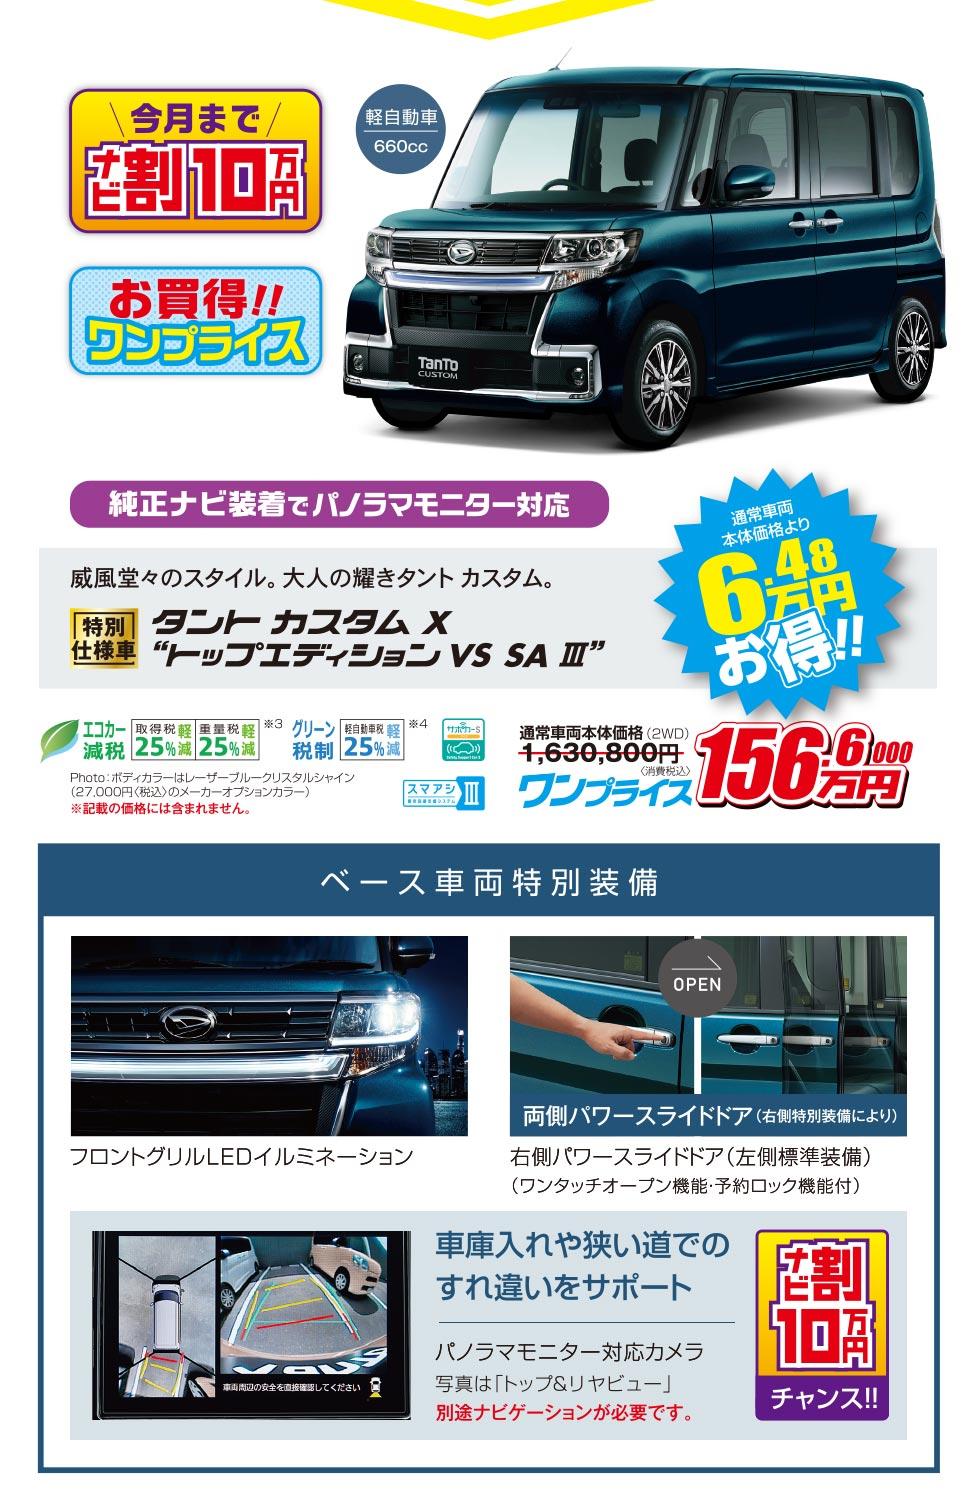 タントカスタムはお買得ワンプライスに加えナビ割10万円